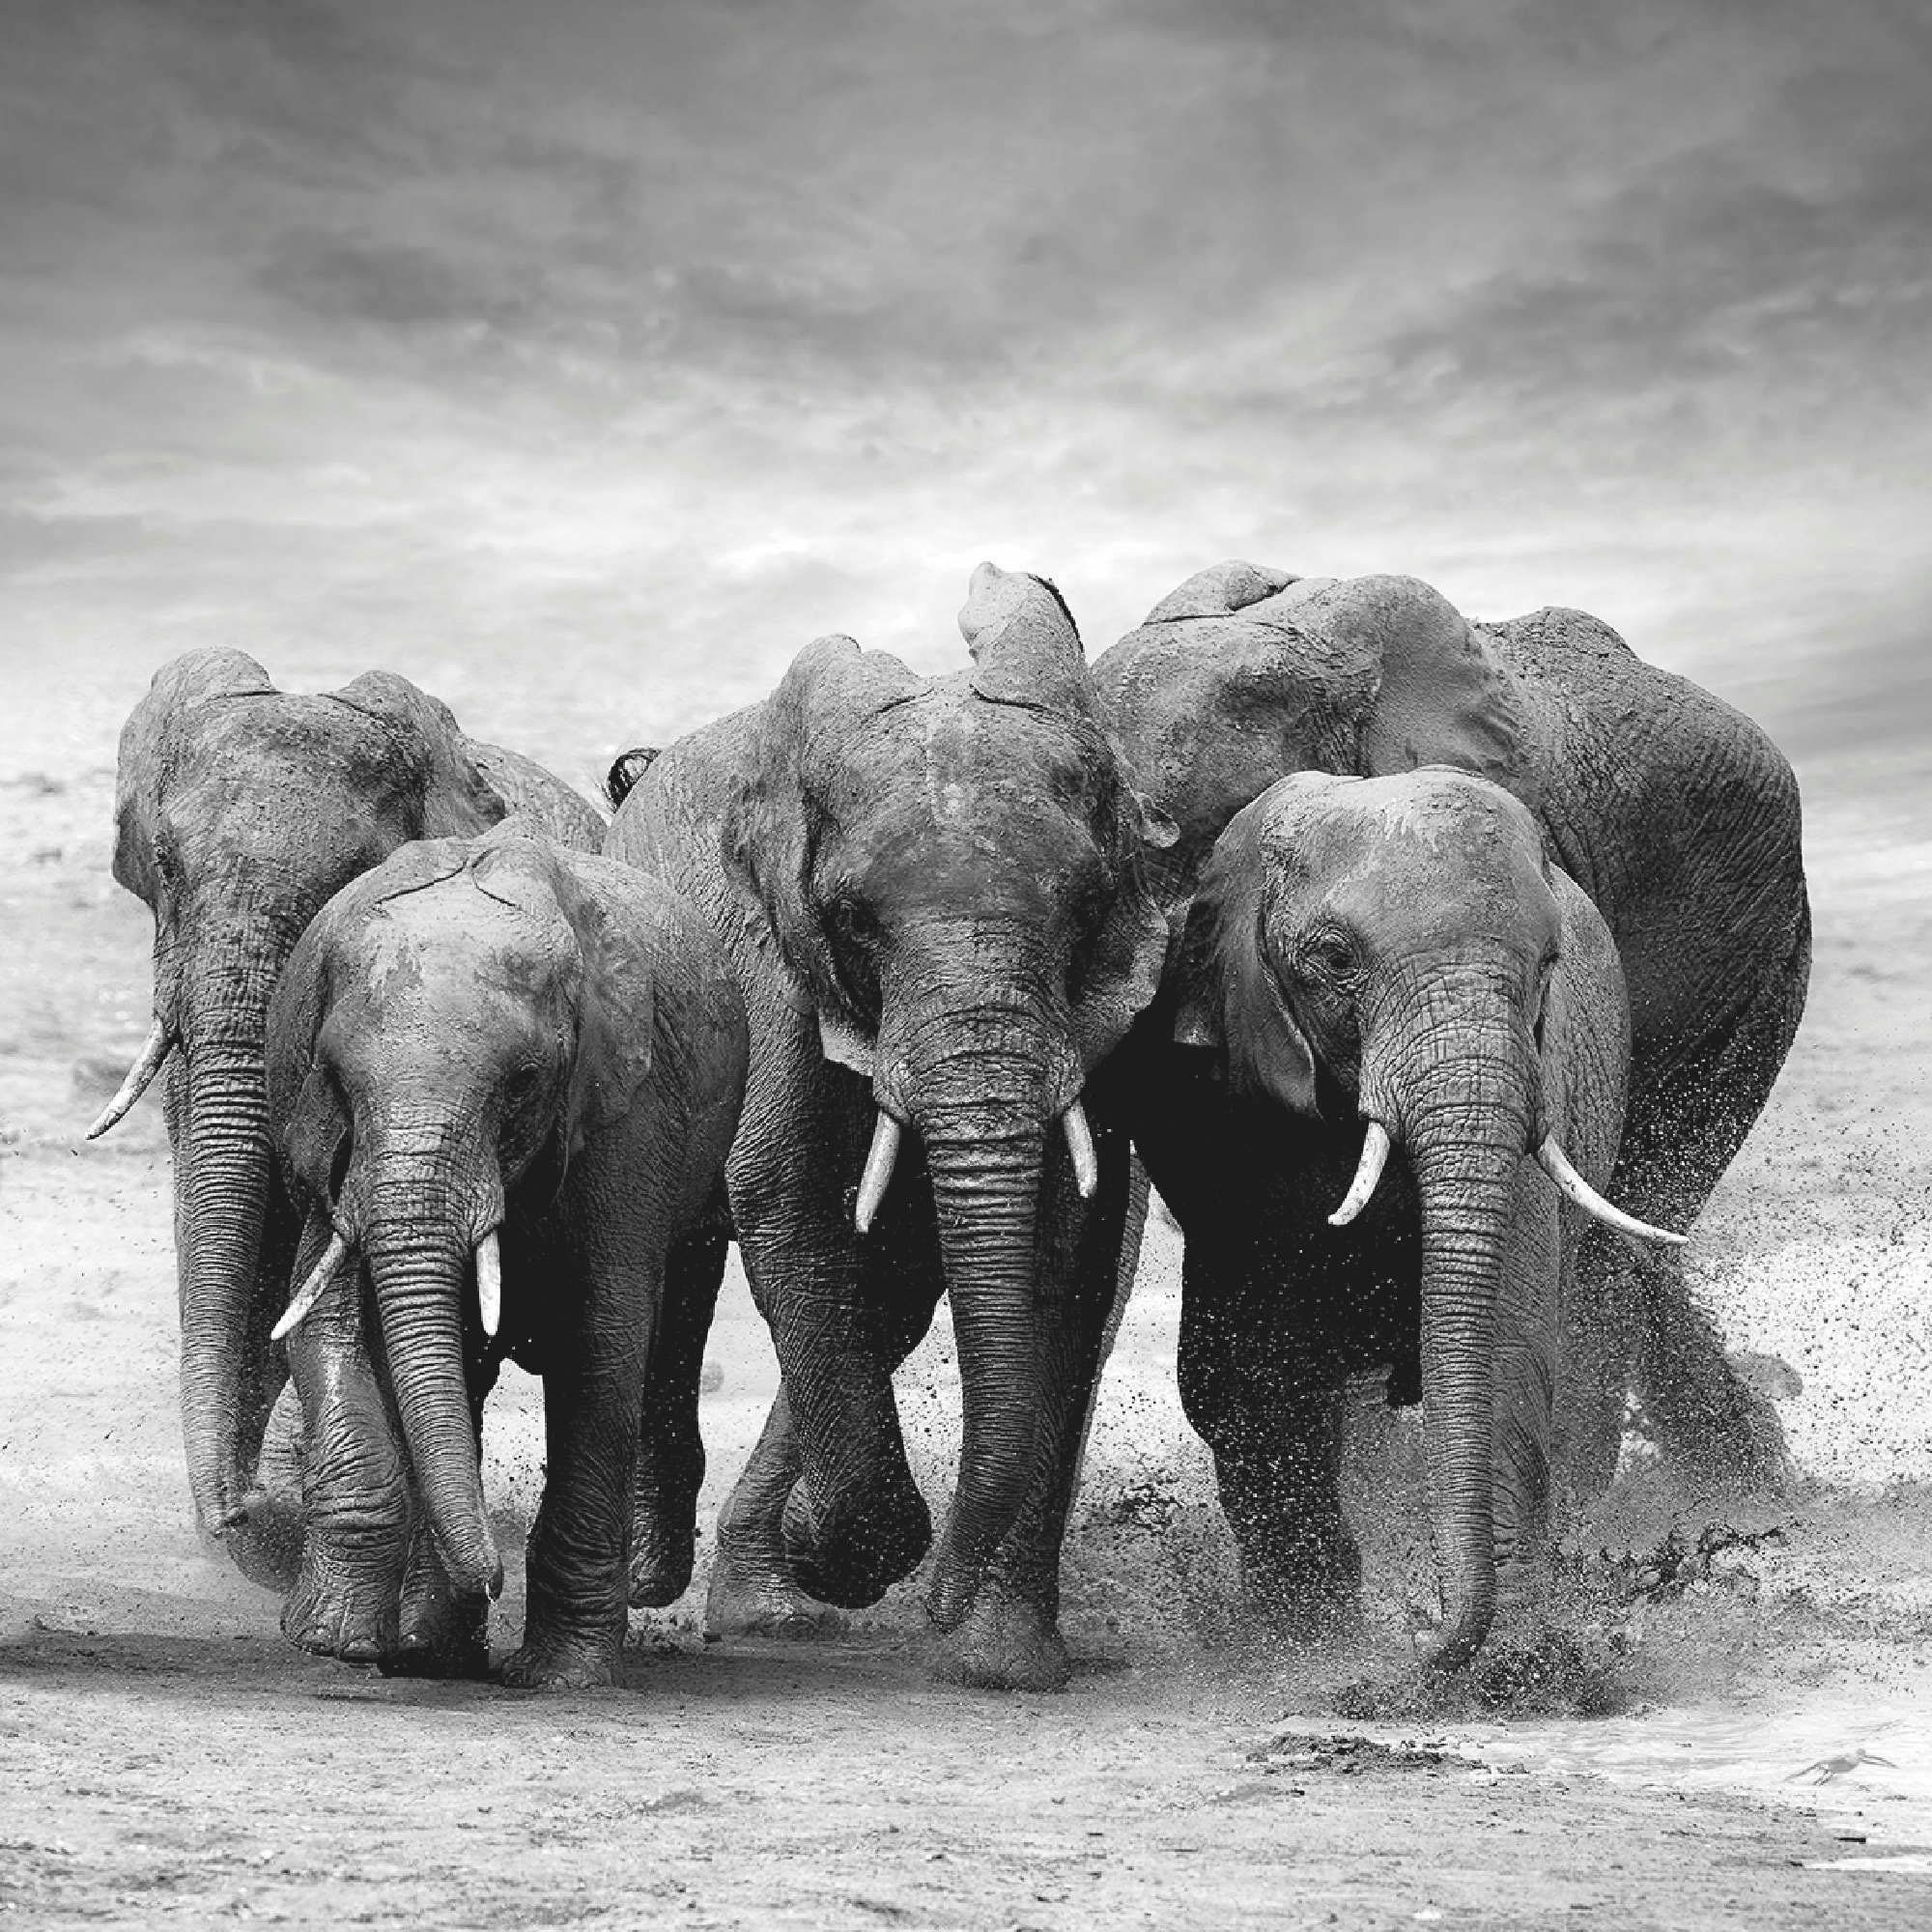 Home affaire Glasbild »V. Burdiak: Elefanten in Afrika«, Elefanten, 50/50 cm